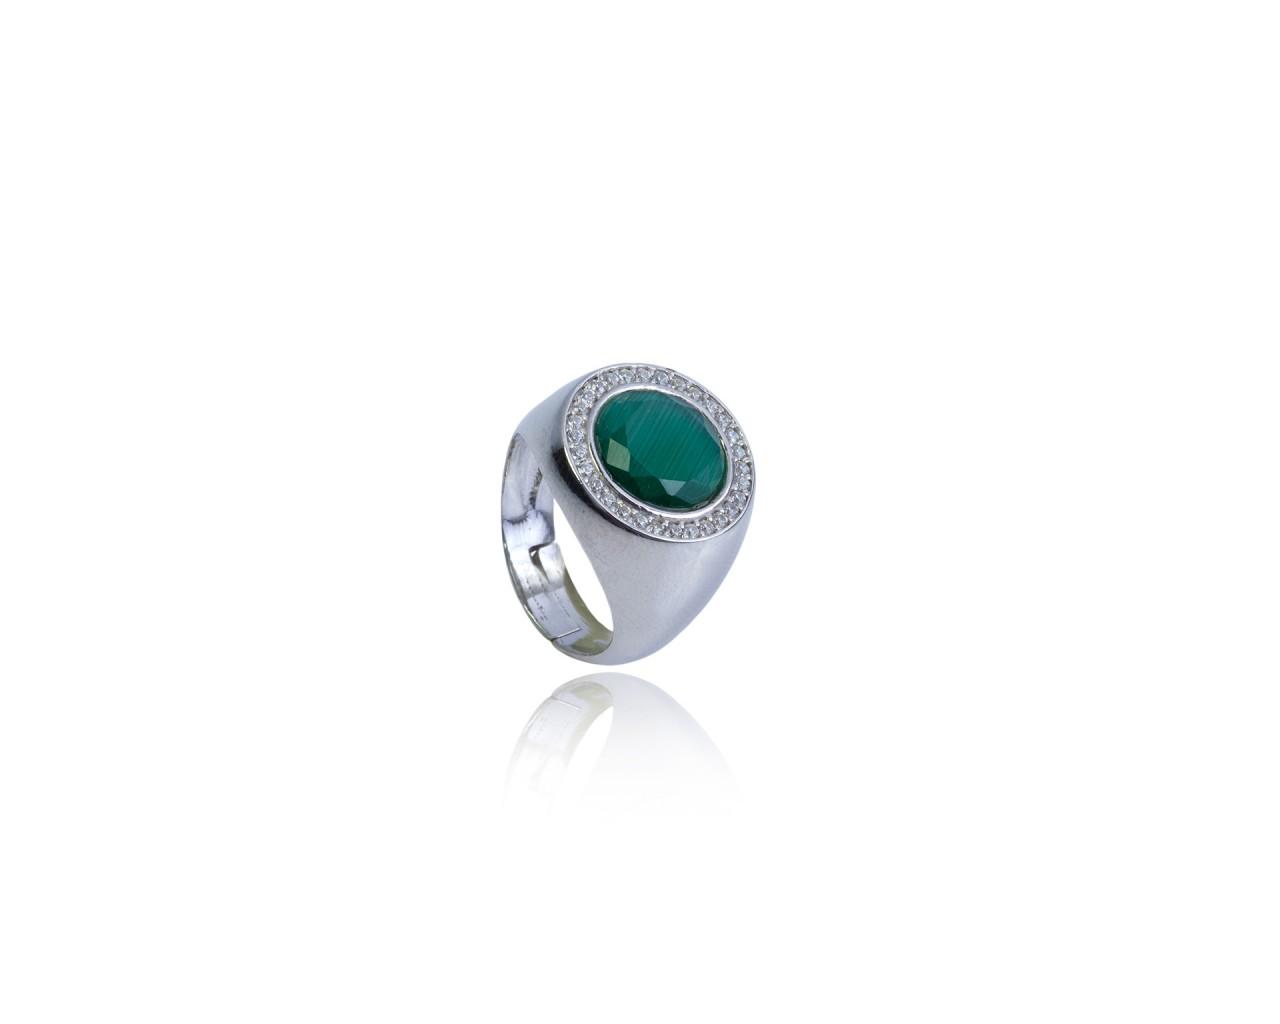 outlet 8e051 27806 Anello in argento con pietra di colore verde